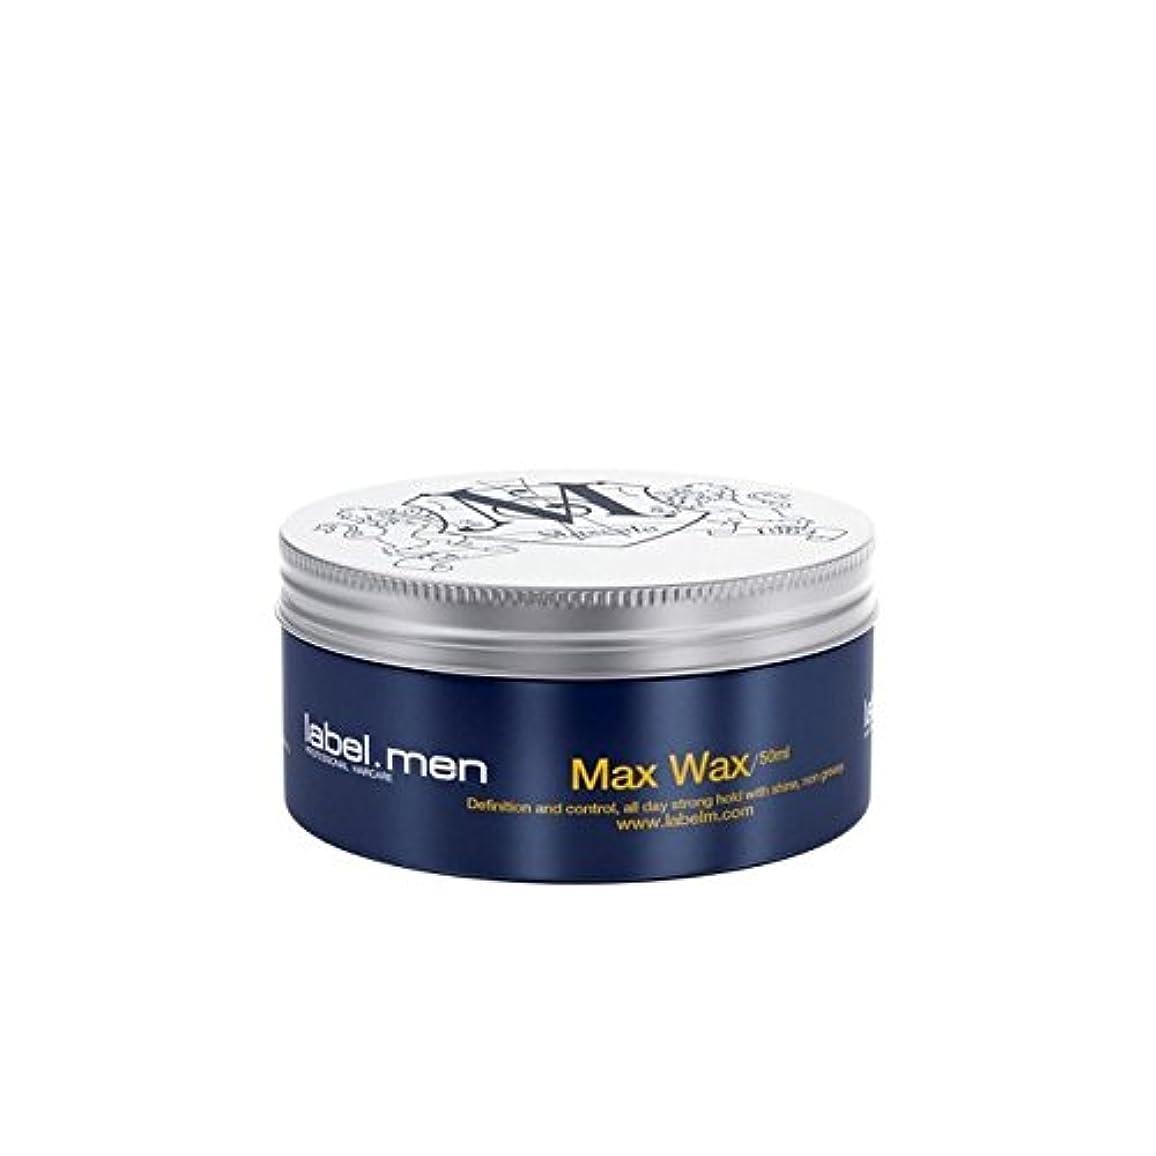 トライアスロンカート暗殺者Label.Men Max Wax (50ml) - .マックスワックス(50ミリリットル) [並行輸入品]